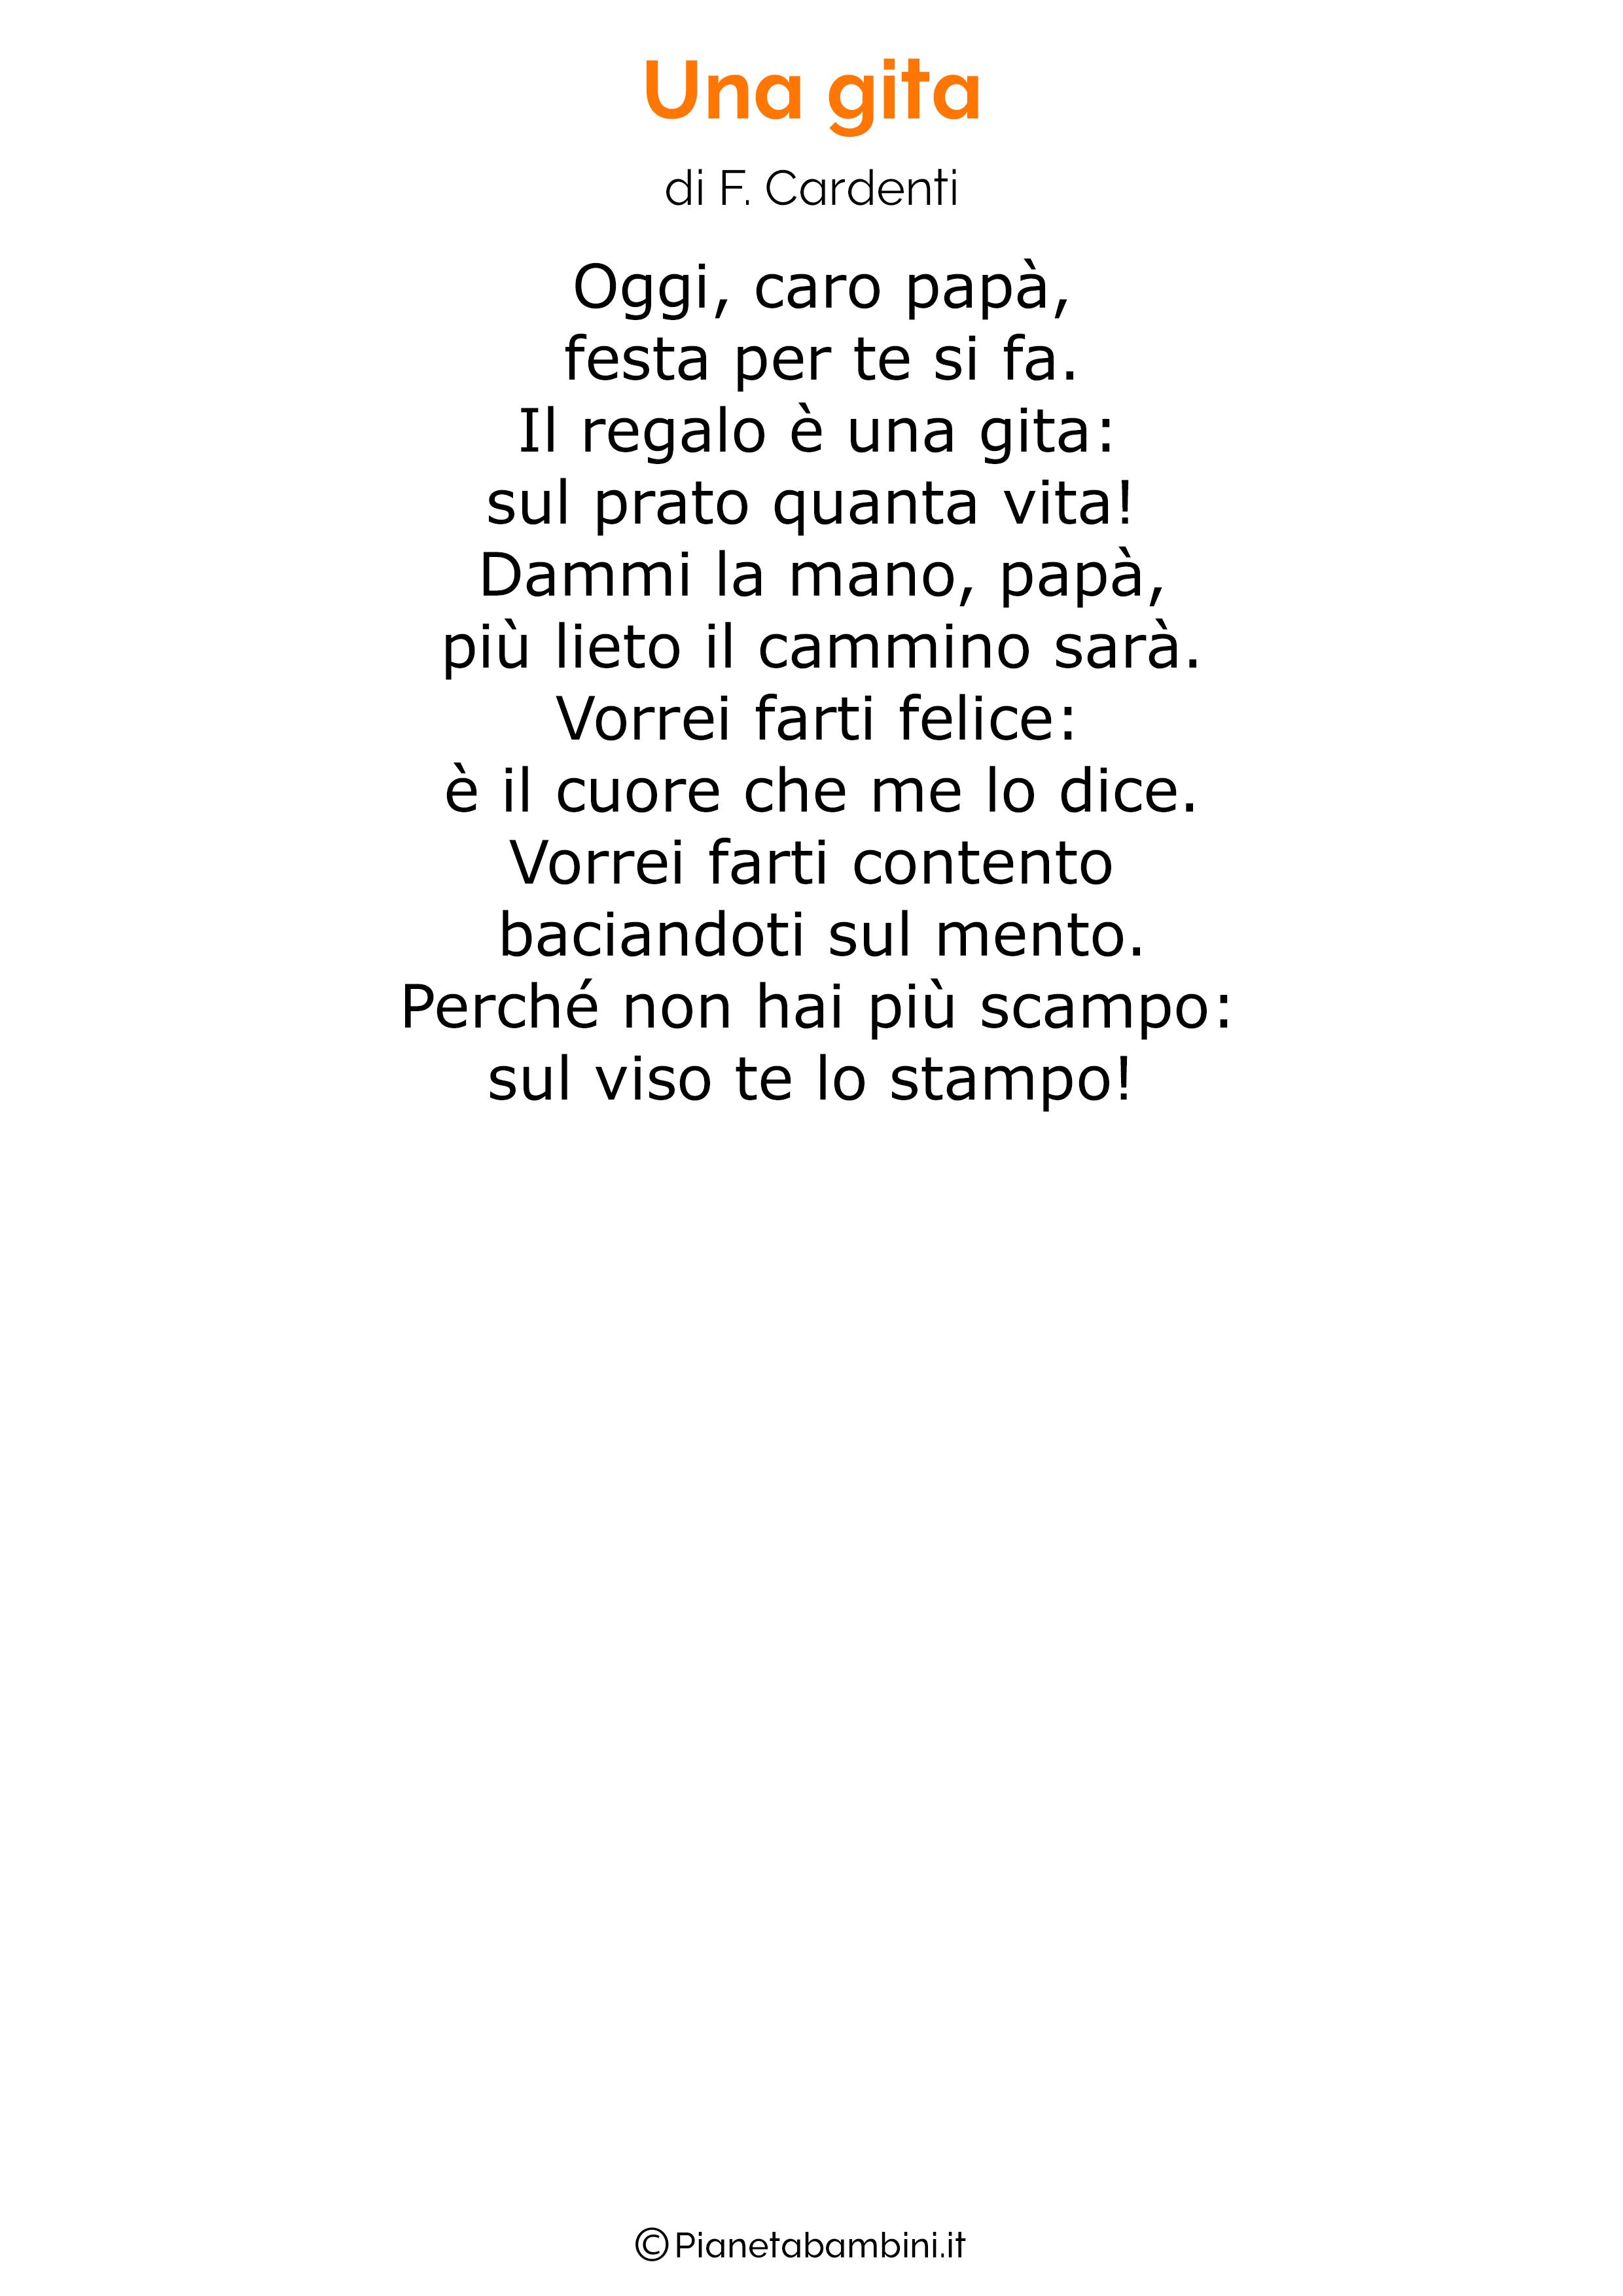 Poesia per la festa del papa per bambini 38